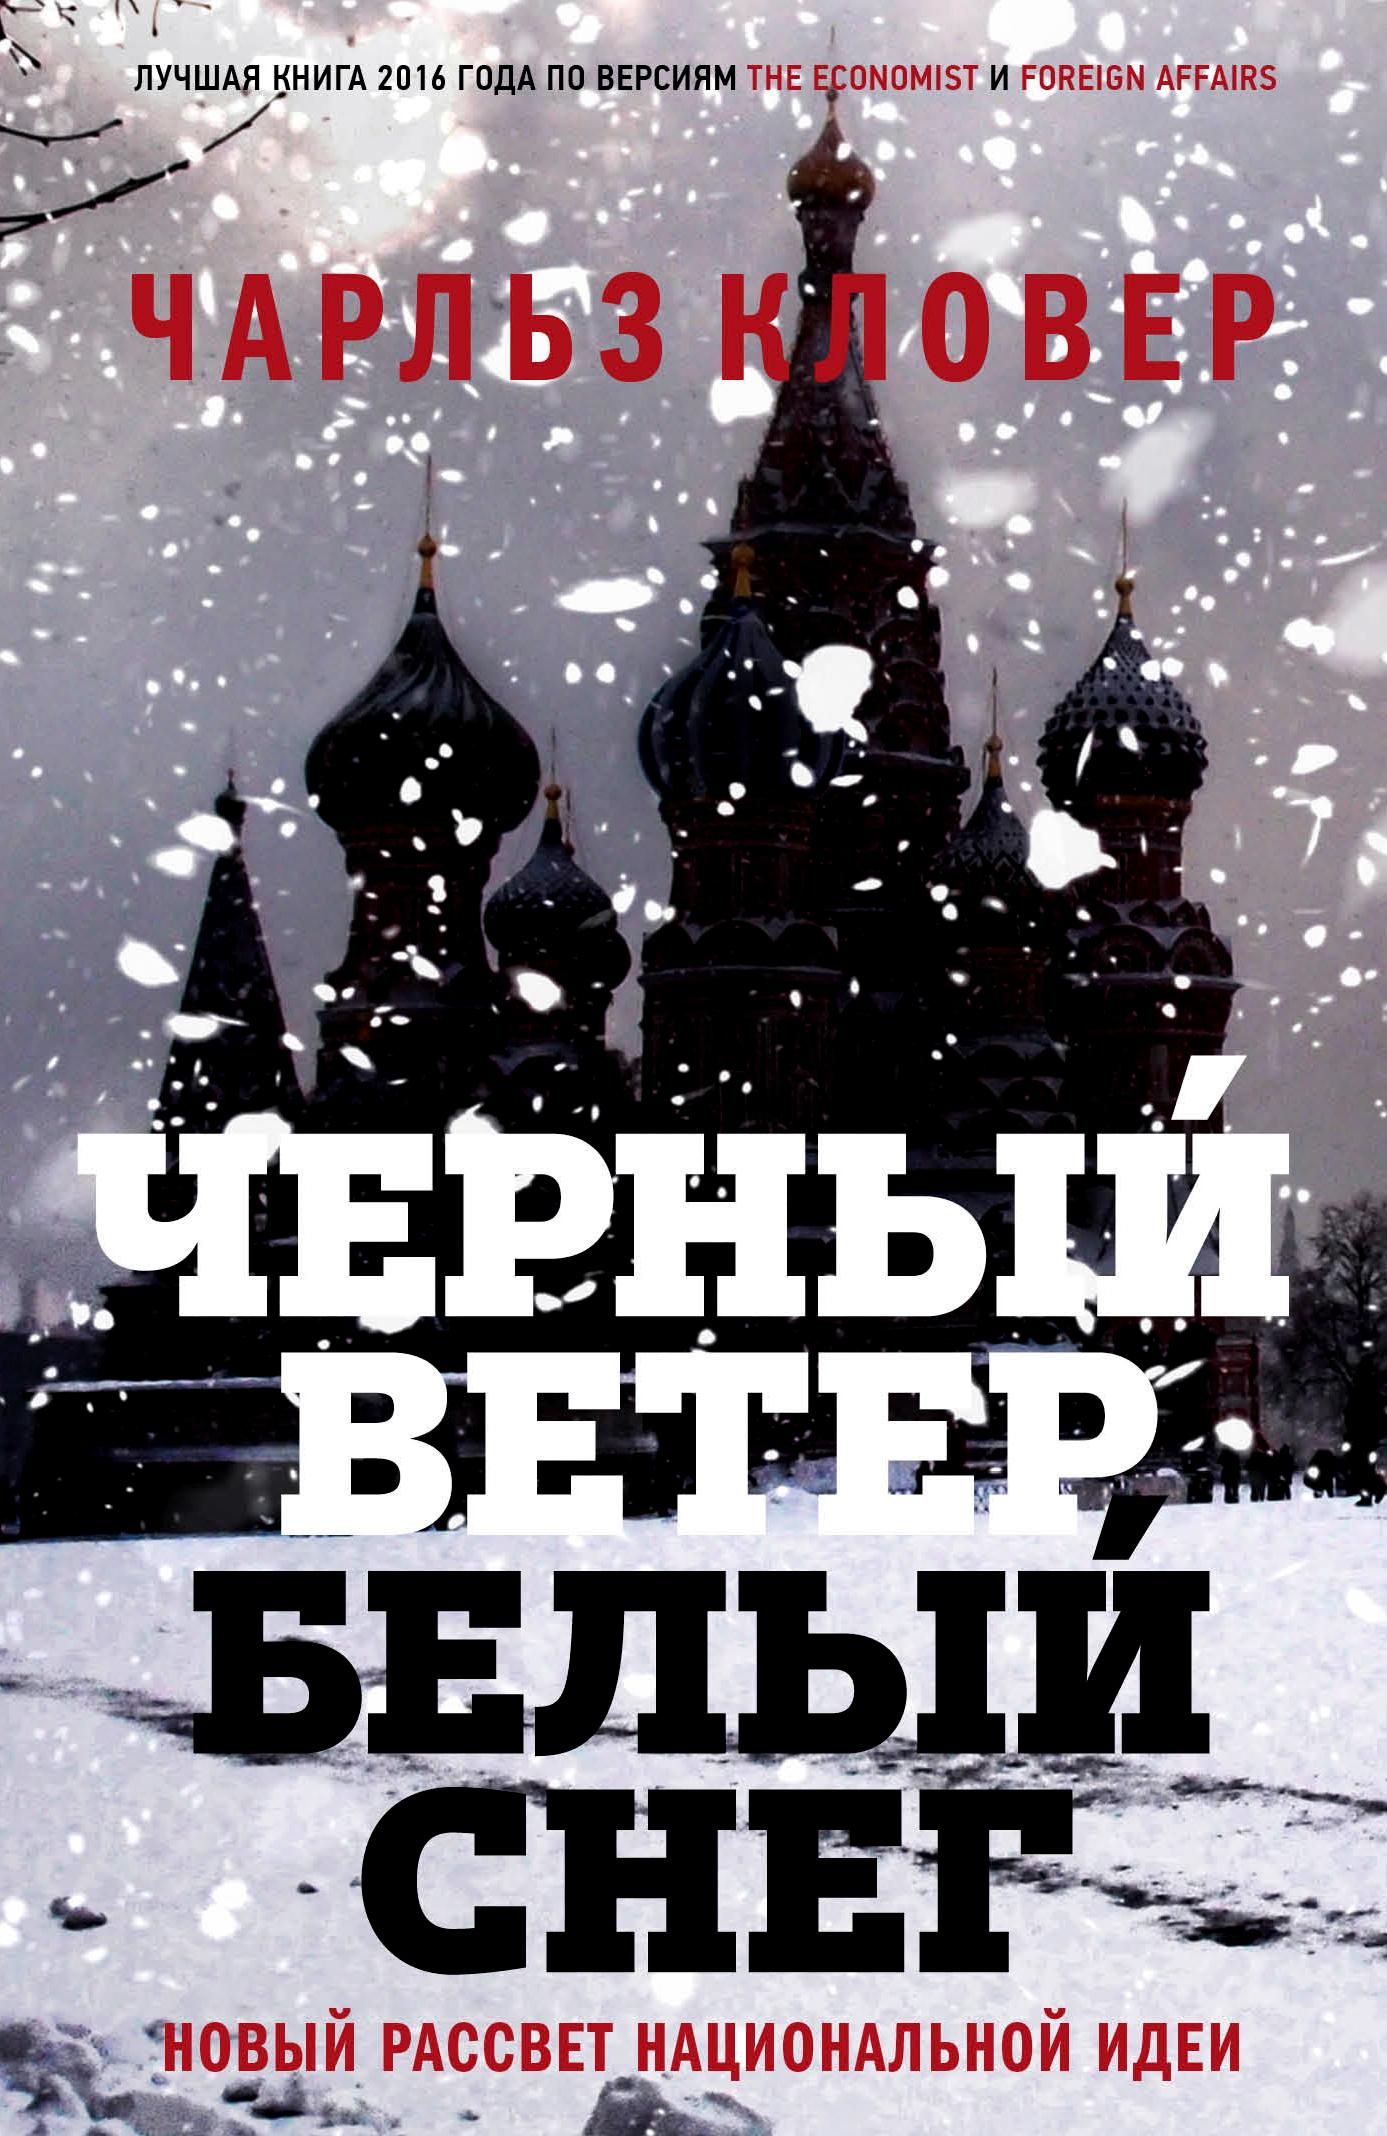 Черный ветер, белый снег. Новый рассвет русского национализма - Чарлз Кловер